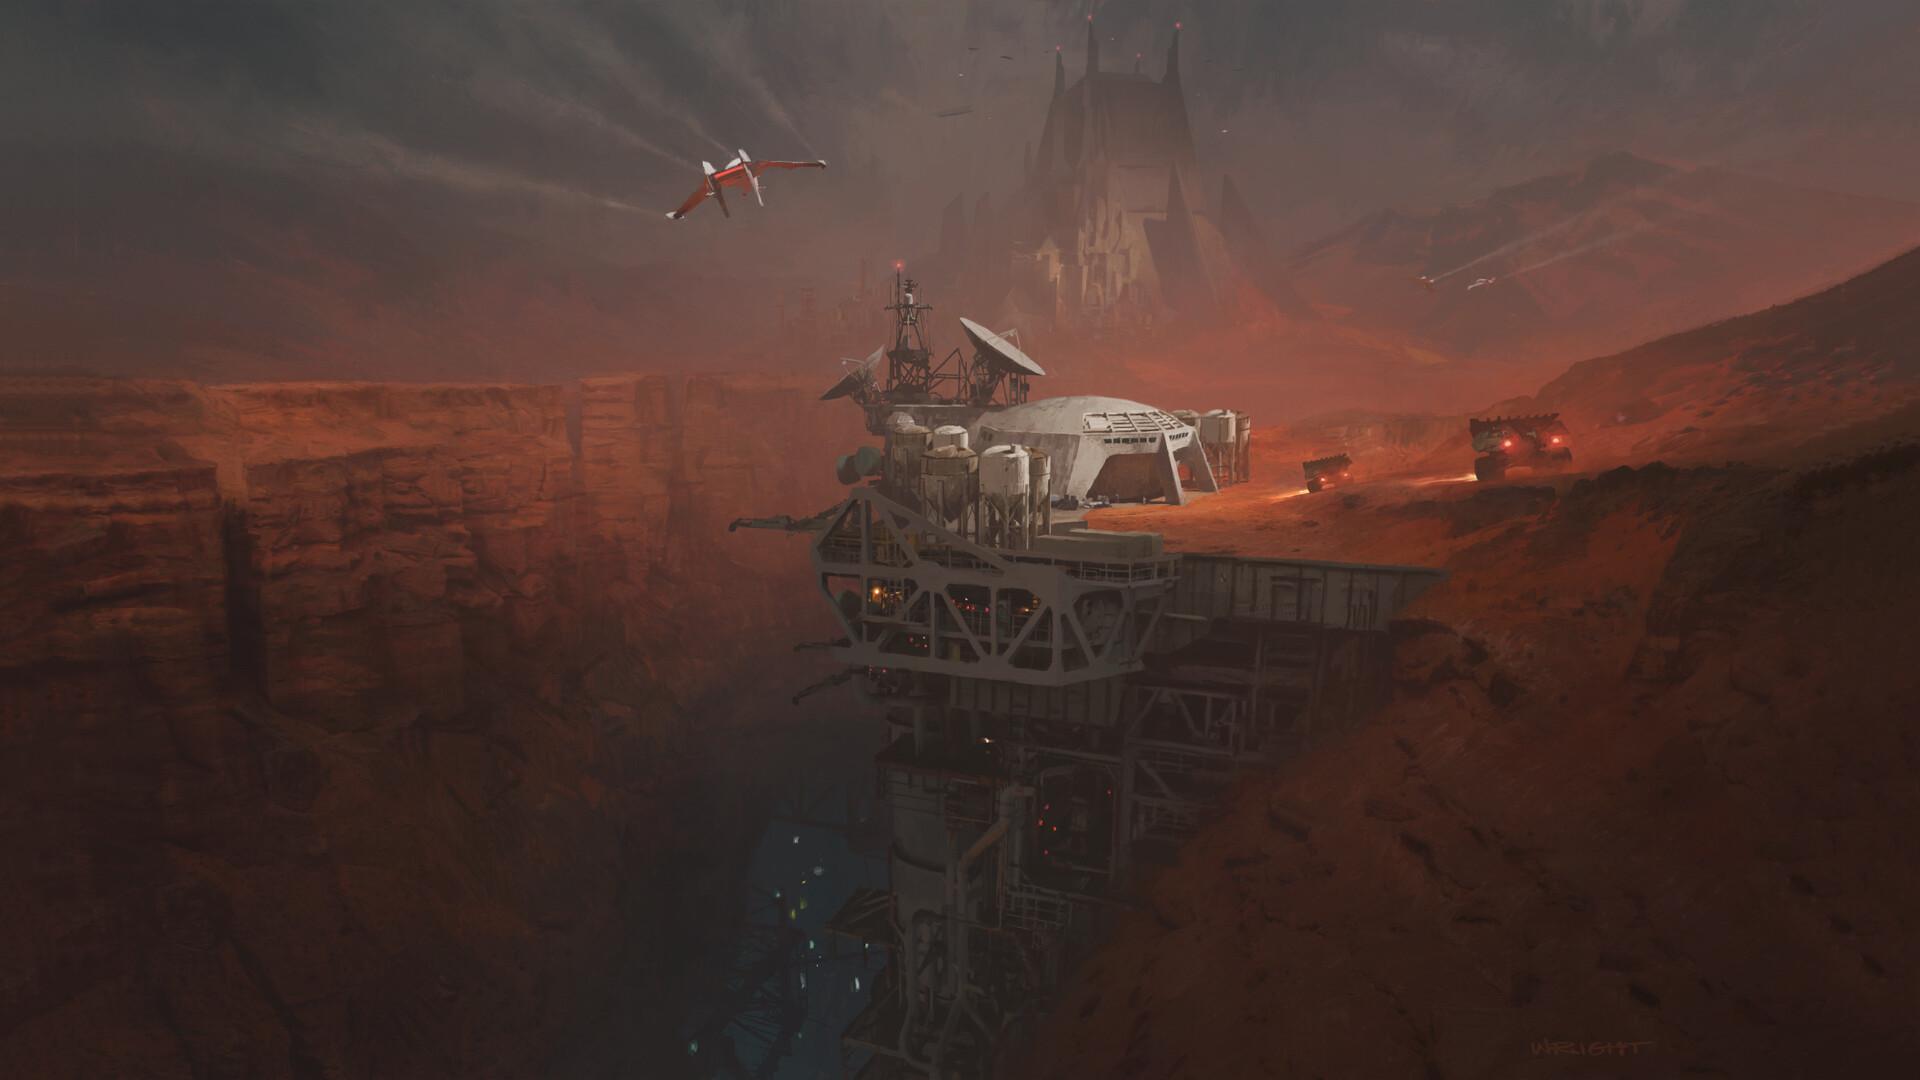 Mining Facility by Richard Wright